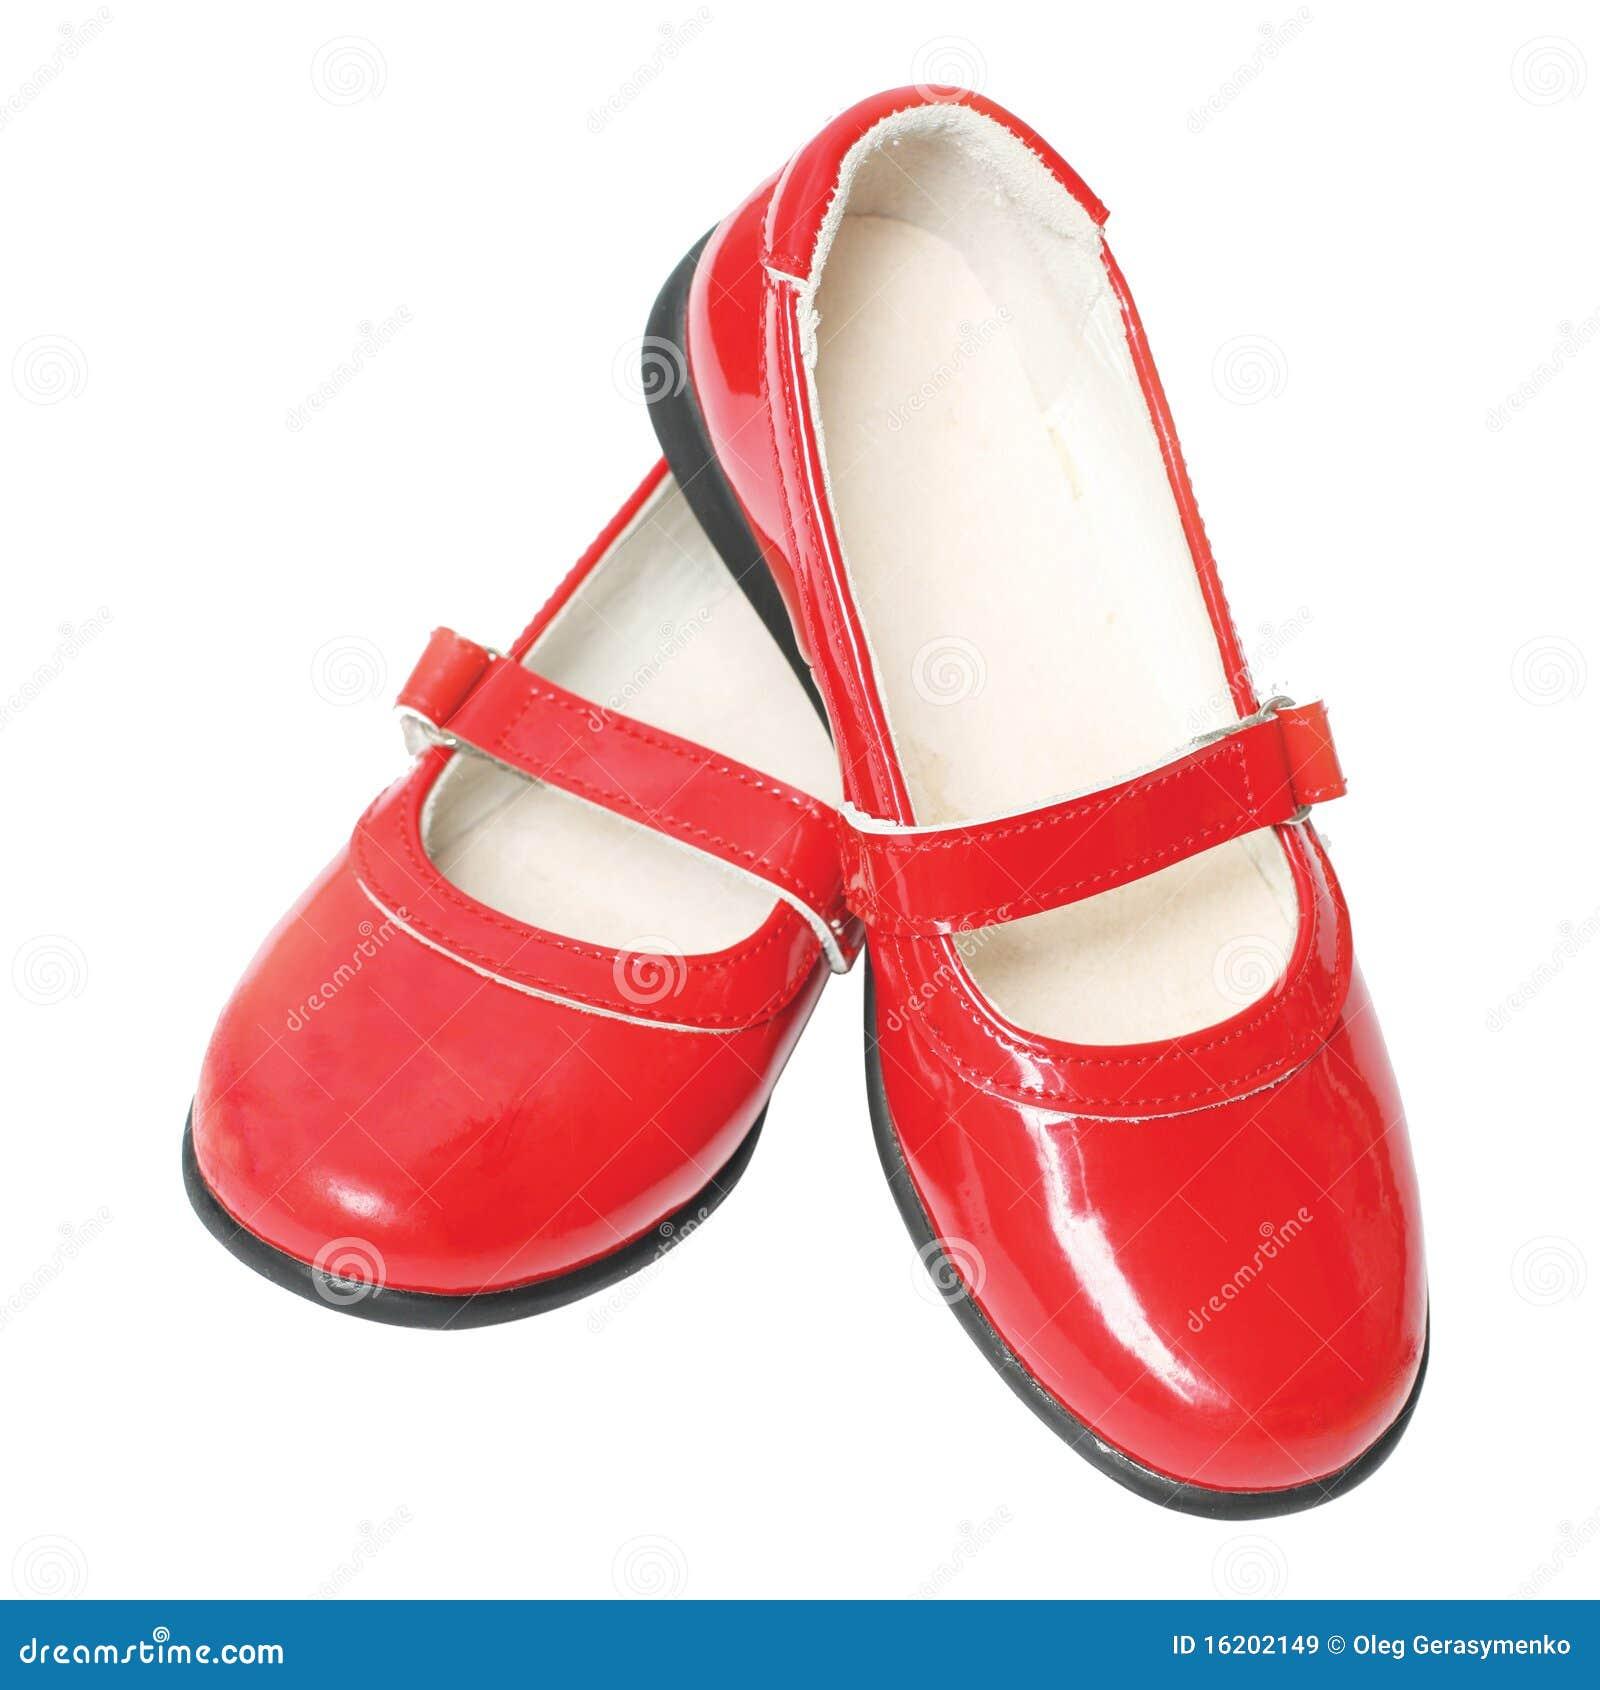 les chaussures vernies des enfants rouges image stock. Black Bedroom Furniture Sets. Home Design Ideas